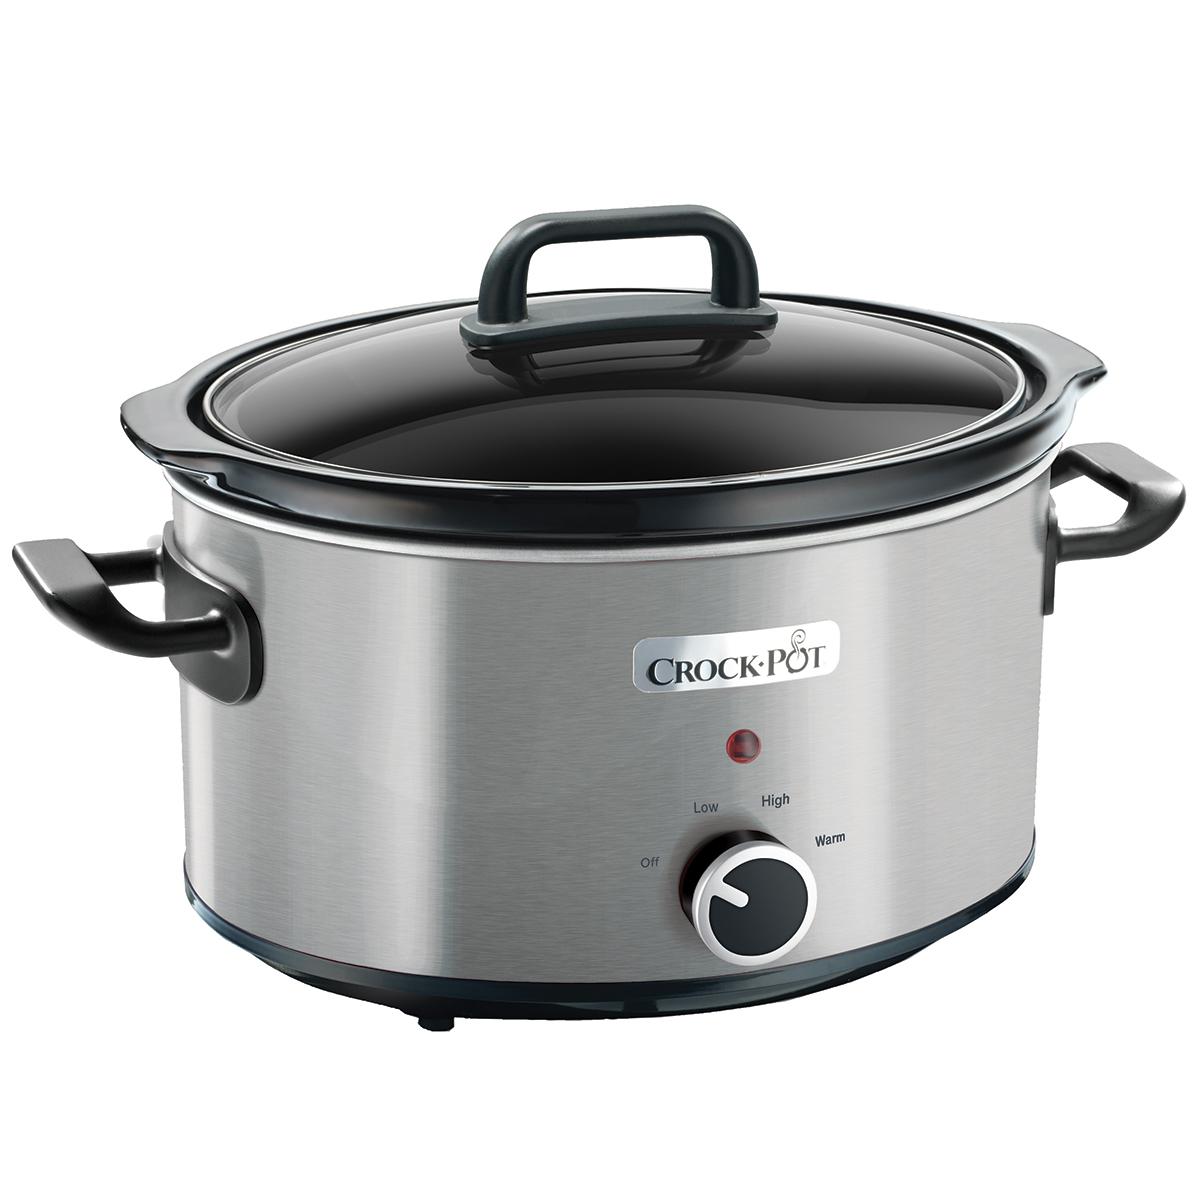 Crockpot slow cooker - 3,5 liter